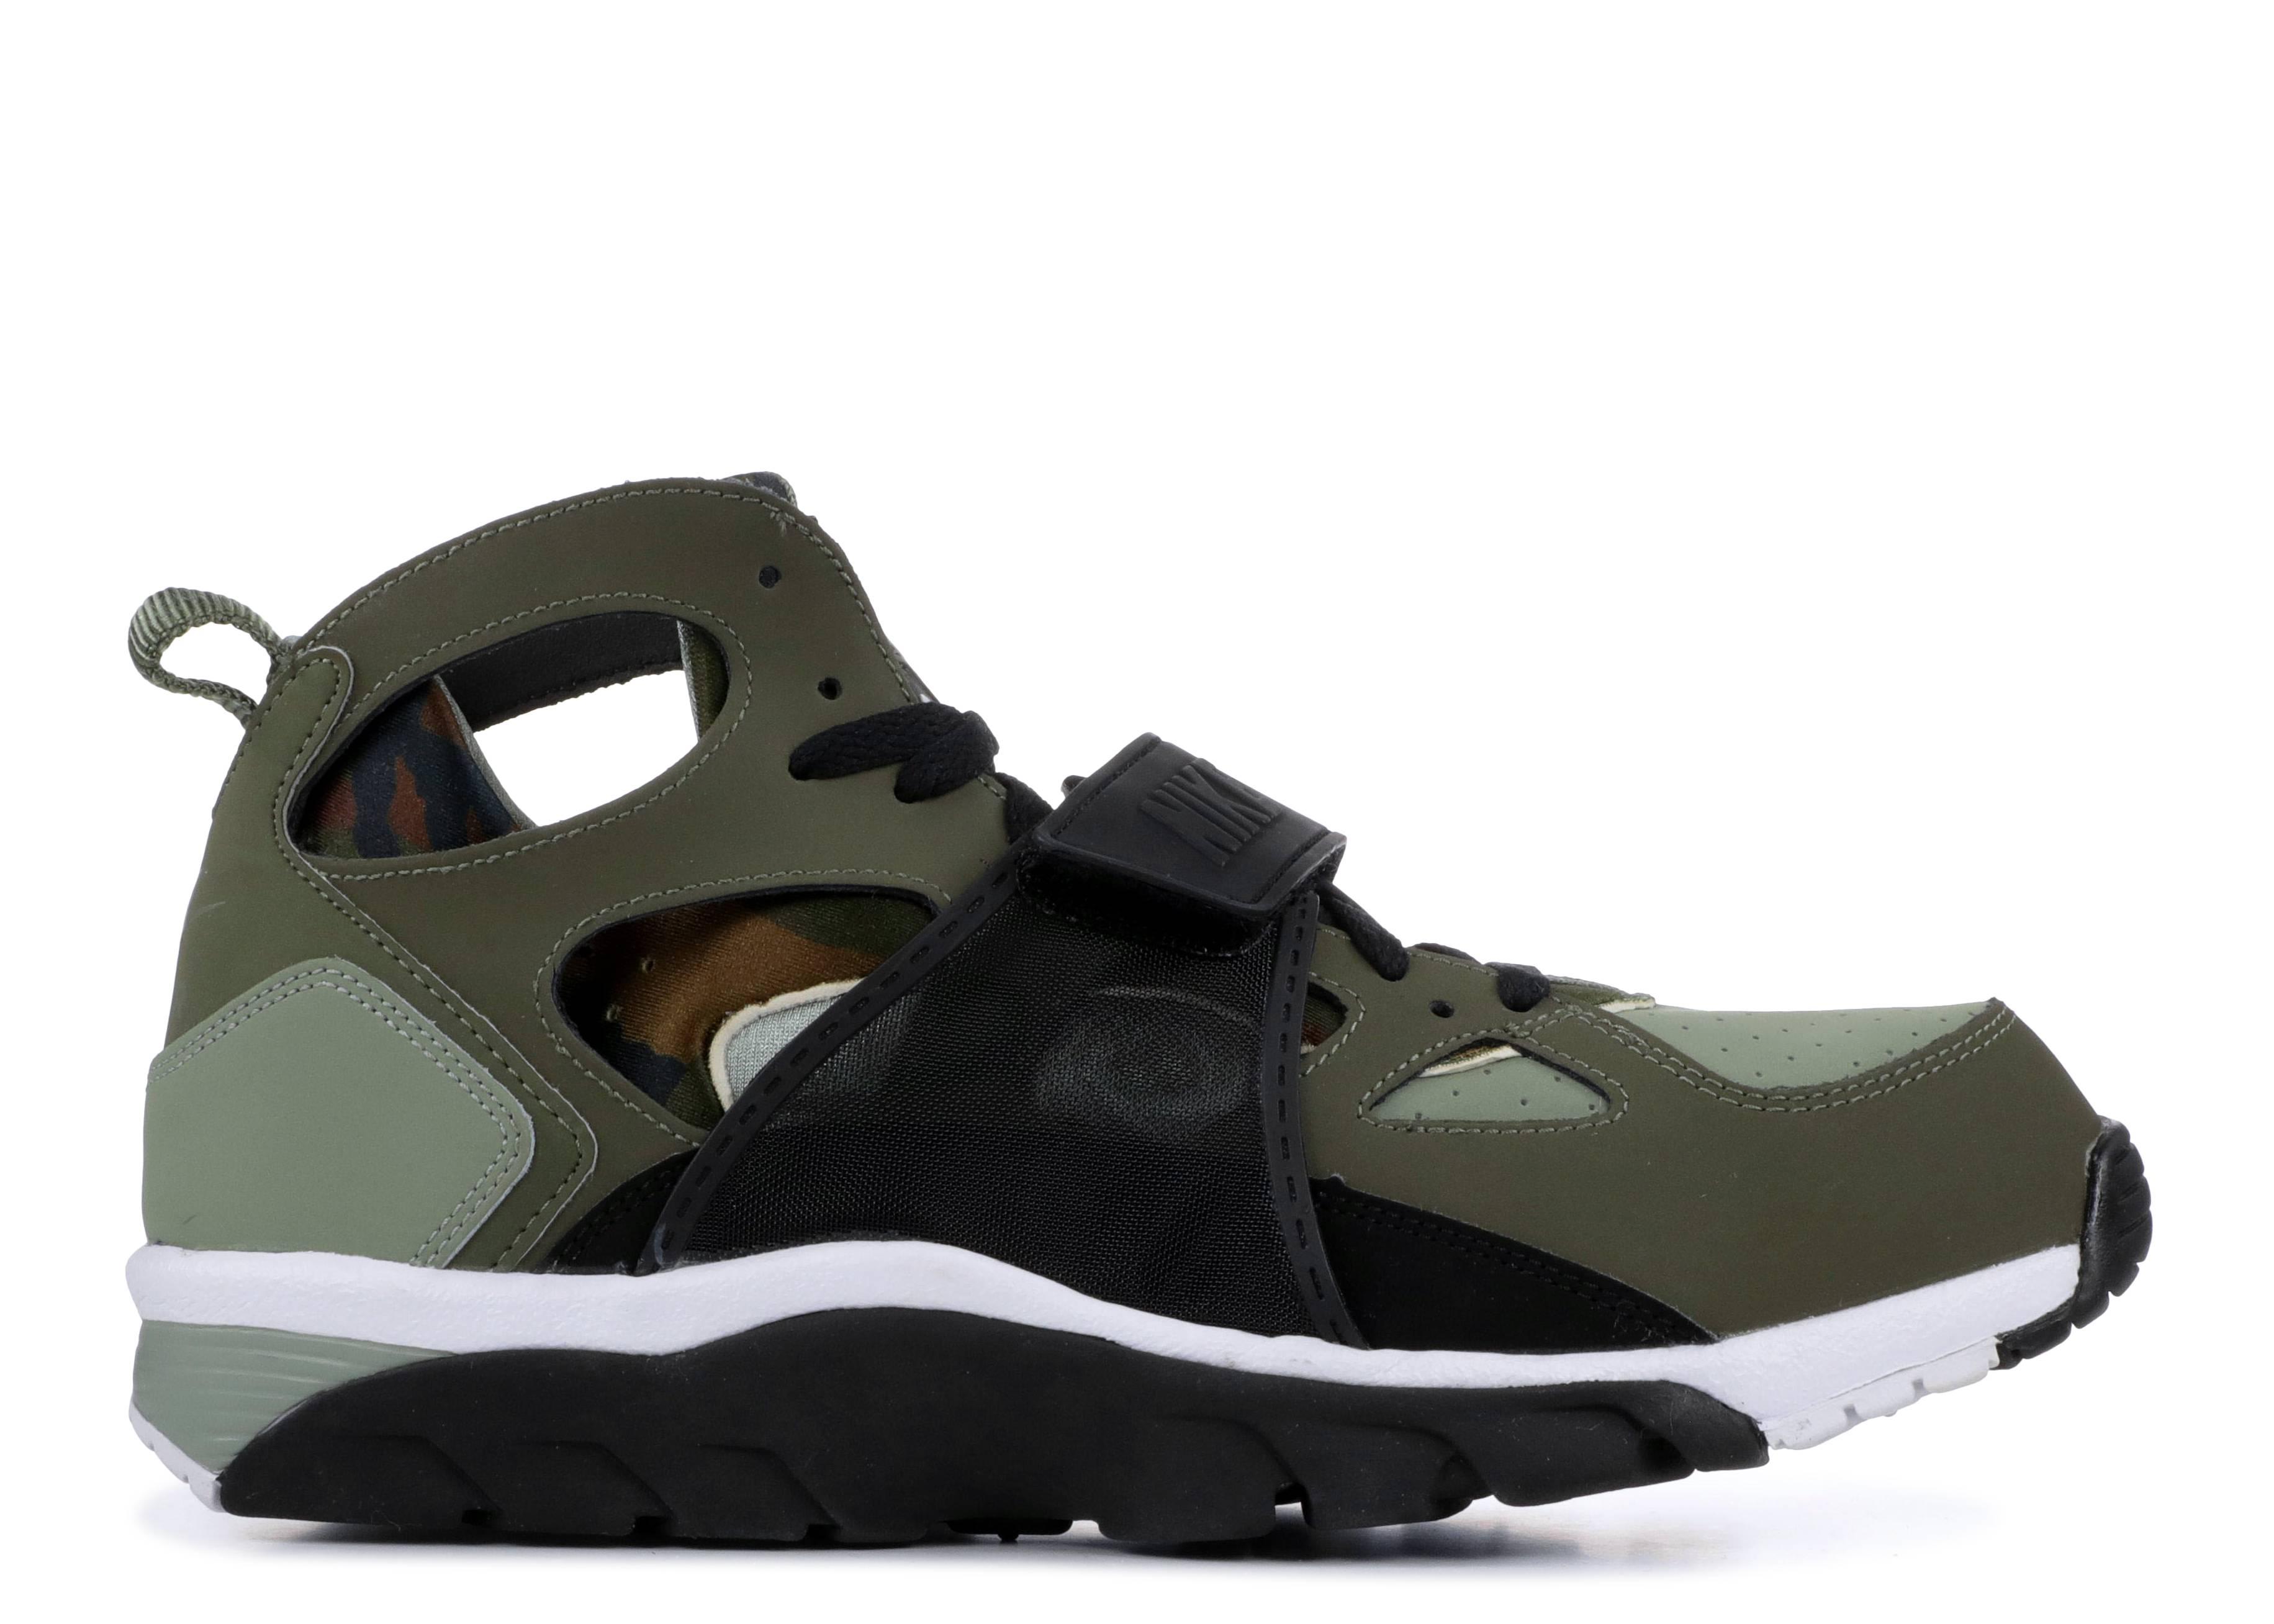 538907c9b8bc5 Nike Air Trainer Huarache - Nike - 679083 200 - medium olive/black ...